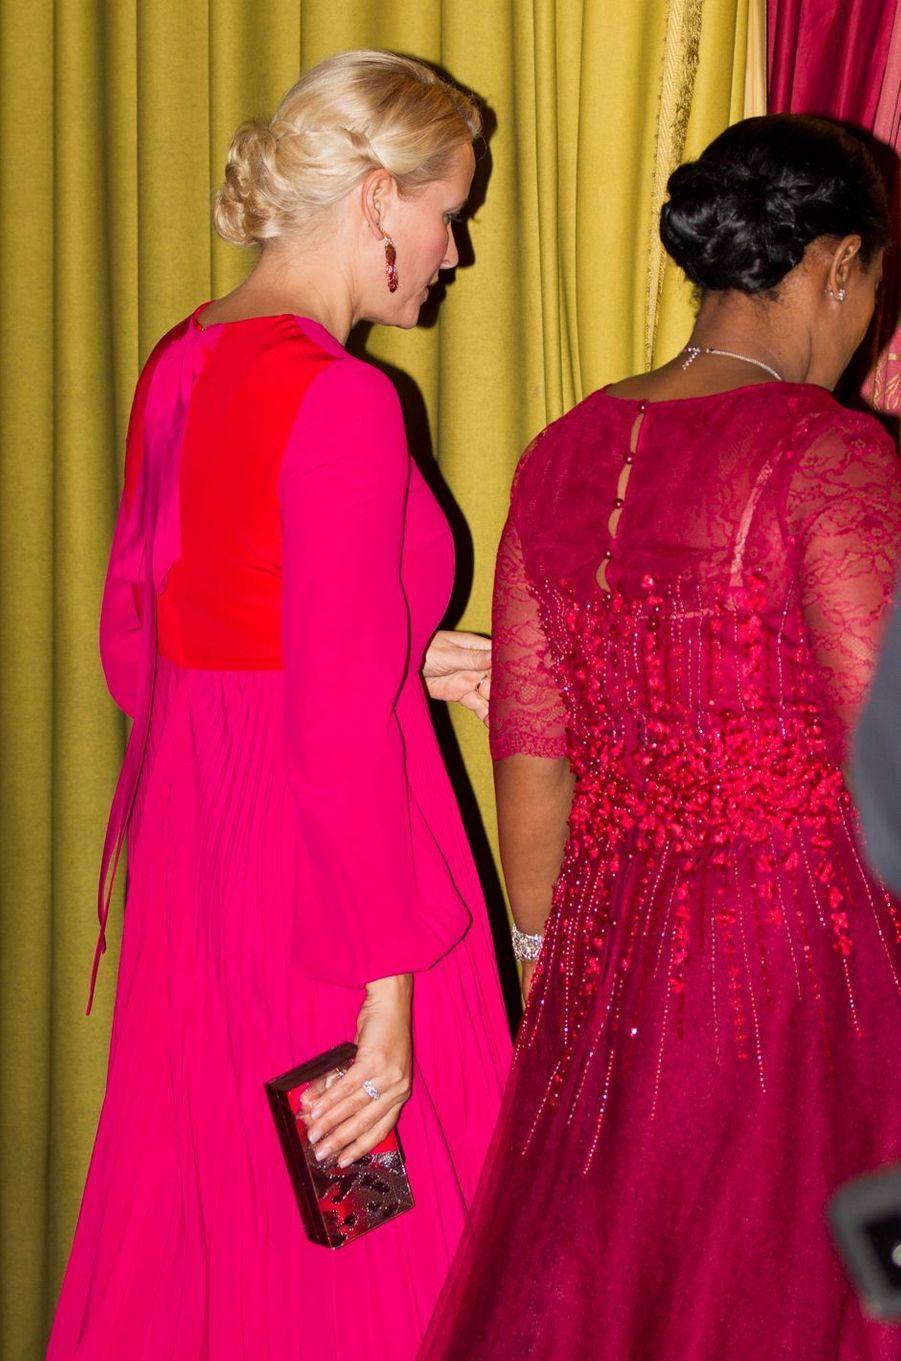 La princesse Mette-Marit de Norvège en Ethiopie, le 7 novembre 2017